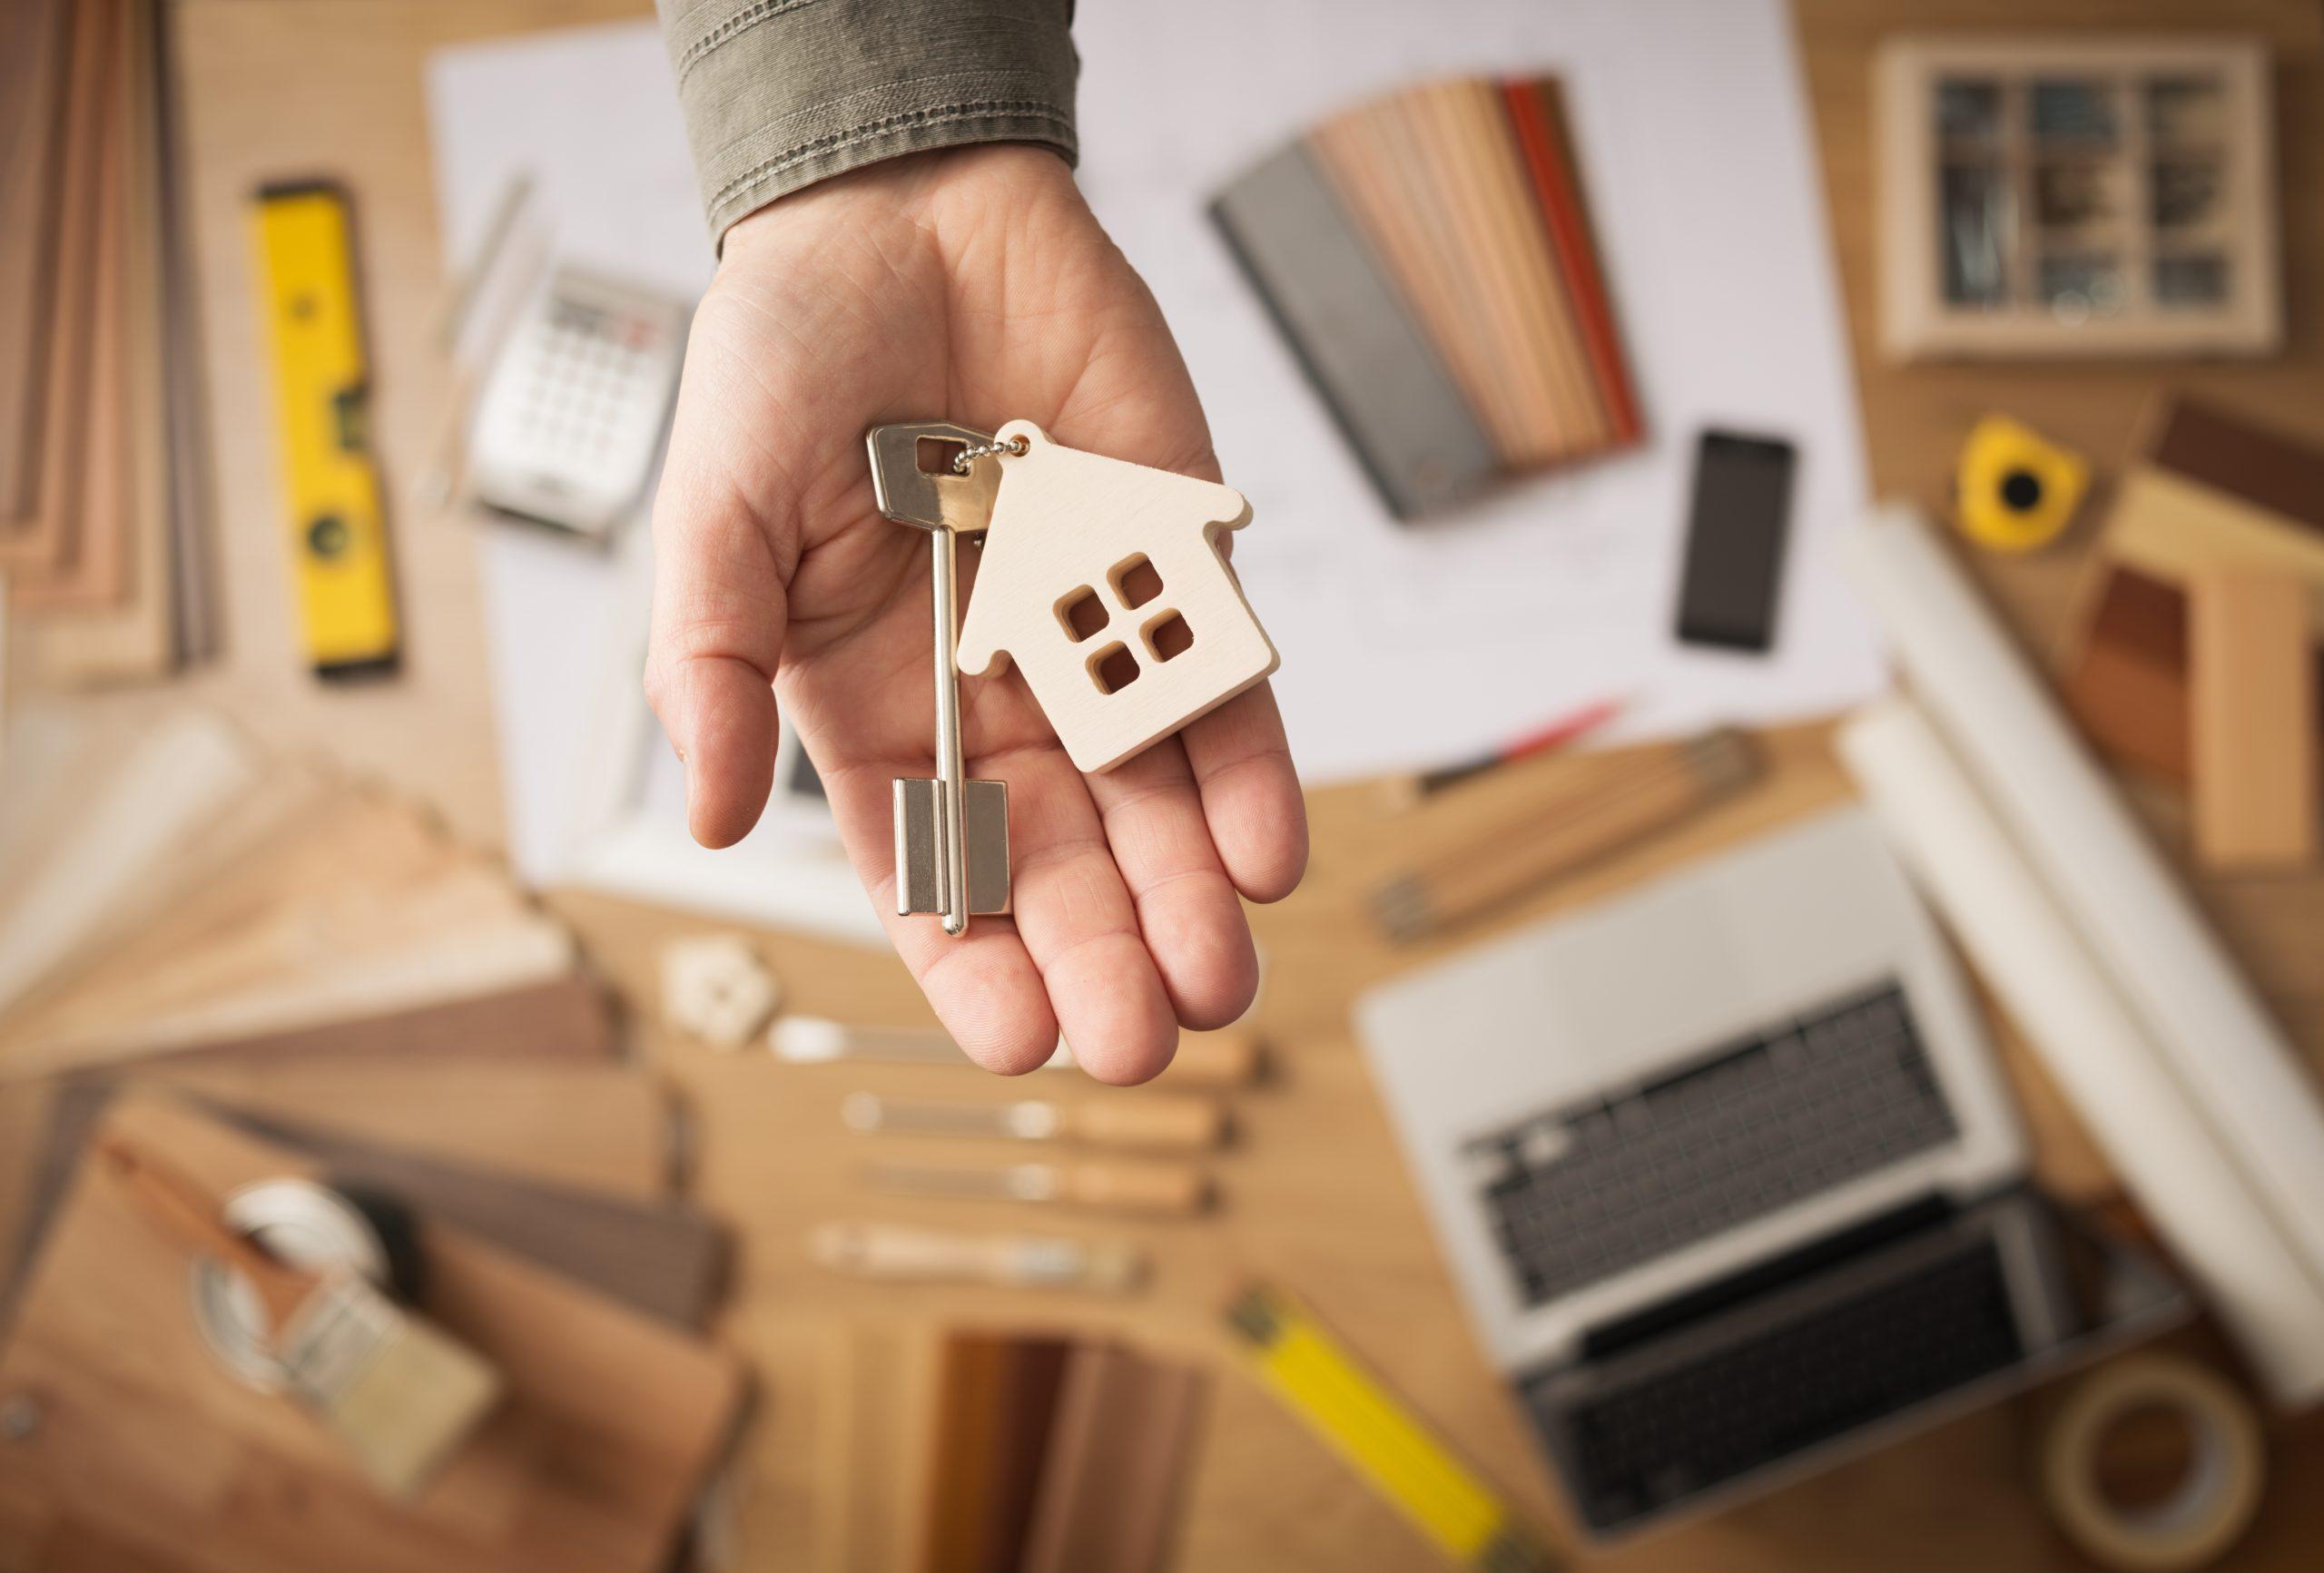 Ante incertidumbre, compraventa inmobiliaria es garantía de seguridad e inversión